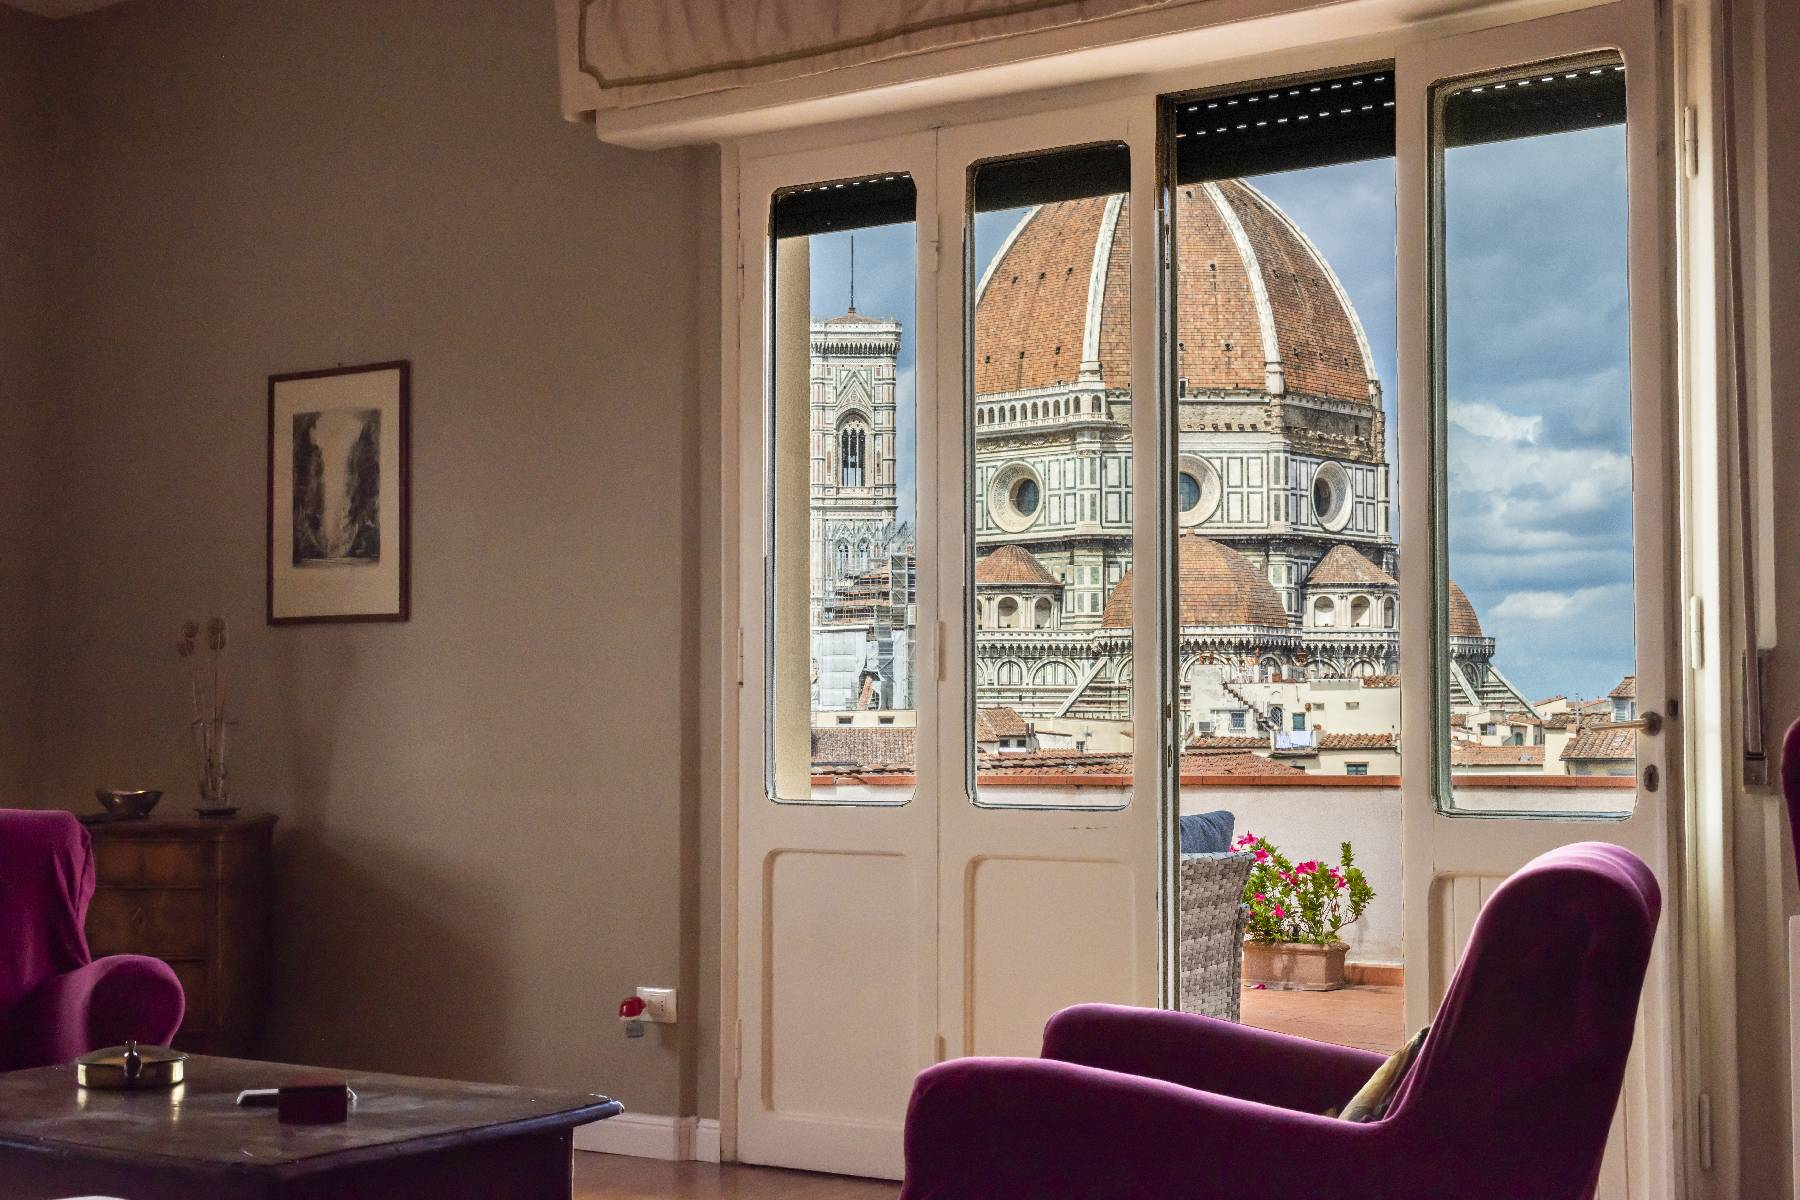 Attico in Affitto a Firenze via sant'egidio